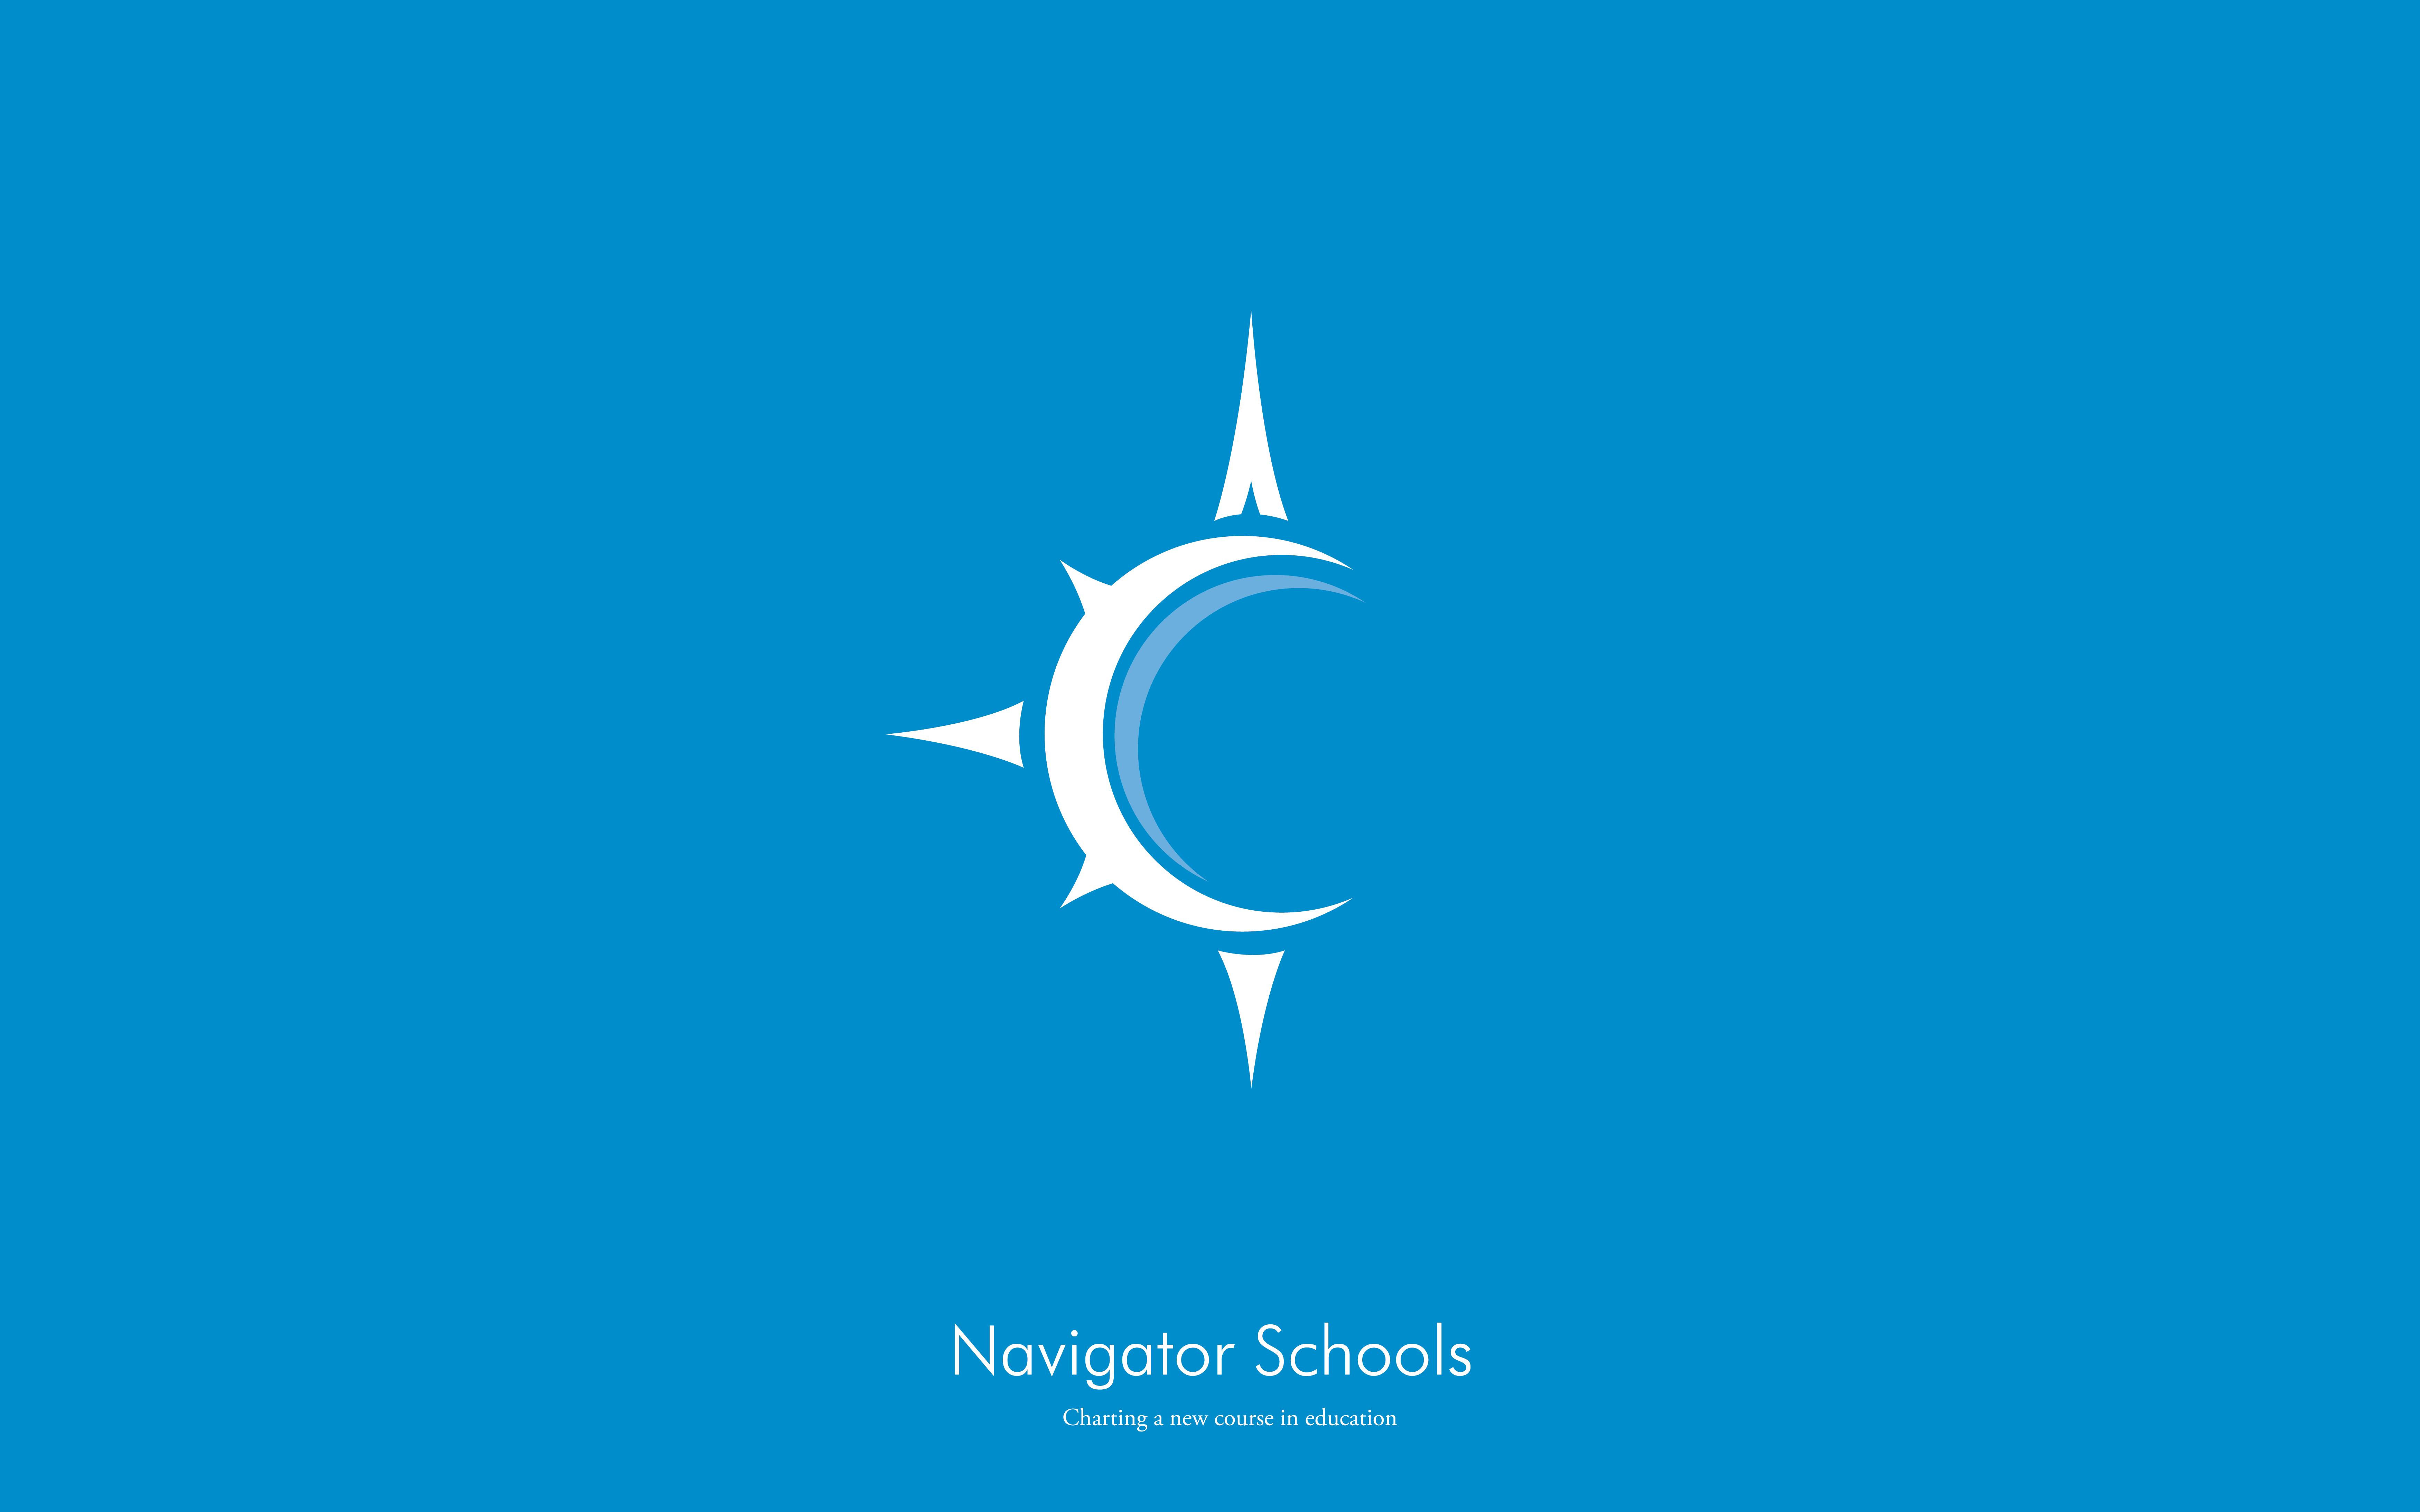 Wallpaper   Miscellaneous   Navigator Schools 7001x4375